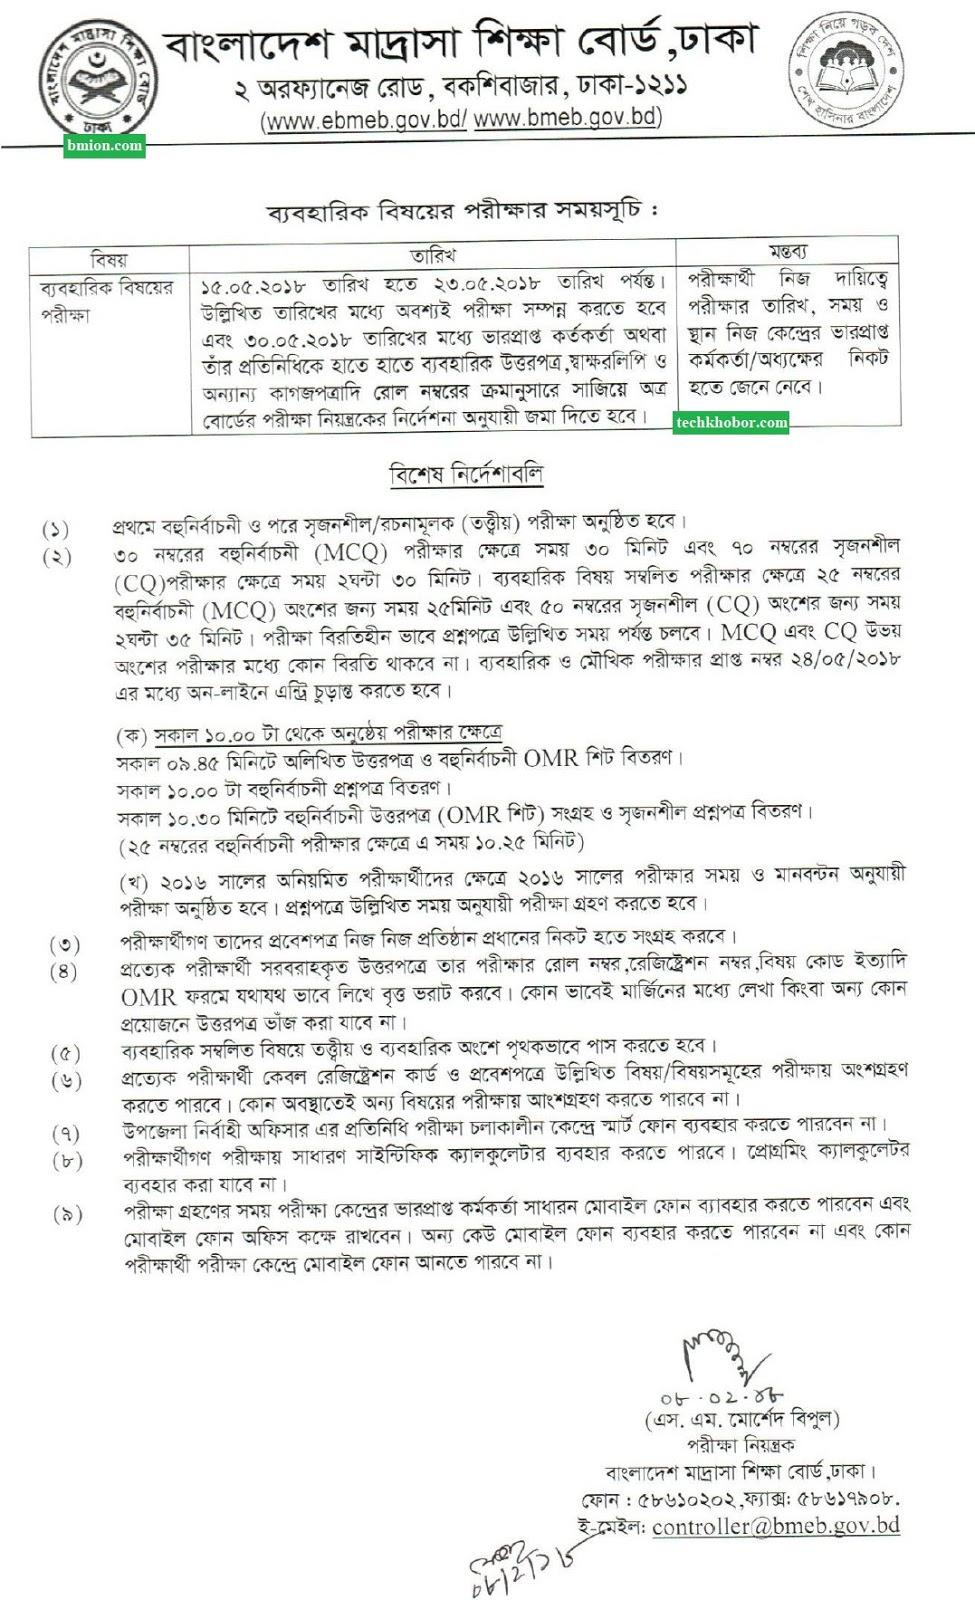 আলিম-পরীক্ষার-রুটিন-২০১৮-পরীক্ষা-শুরু-২-এপ্রিল-বাংলাদেশ-মাদরাসা-শিক্ষা-বোর্ড-ঢাকা-বাংলাদেশ